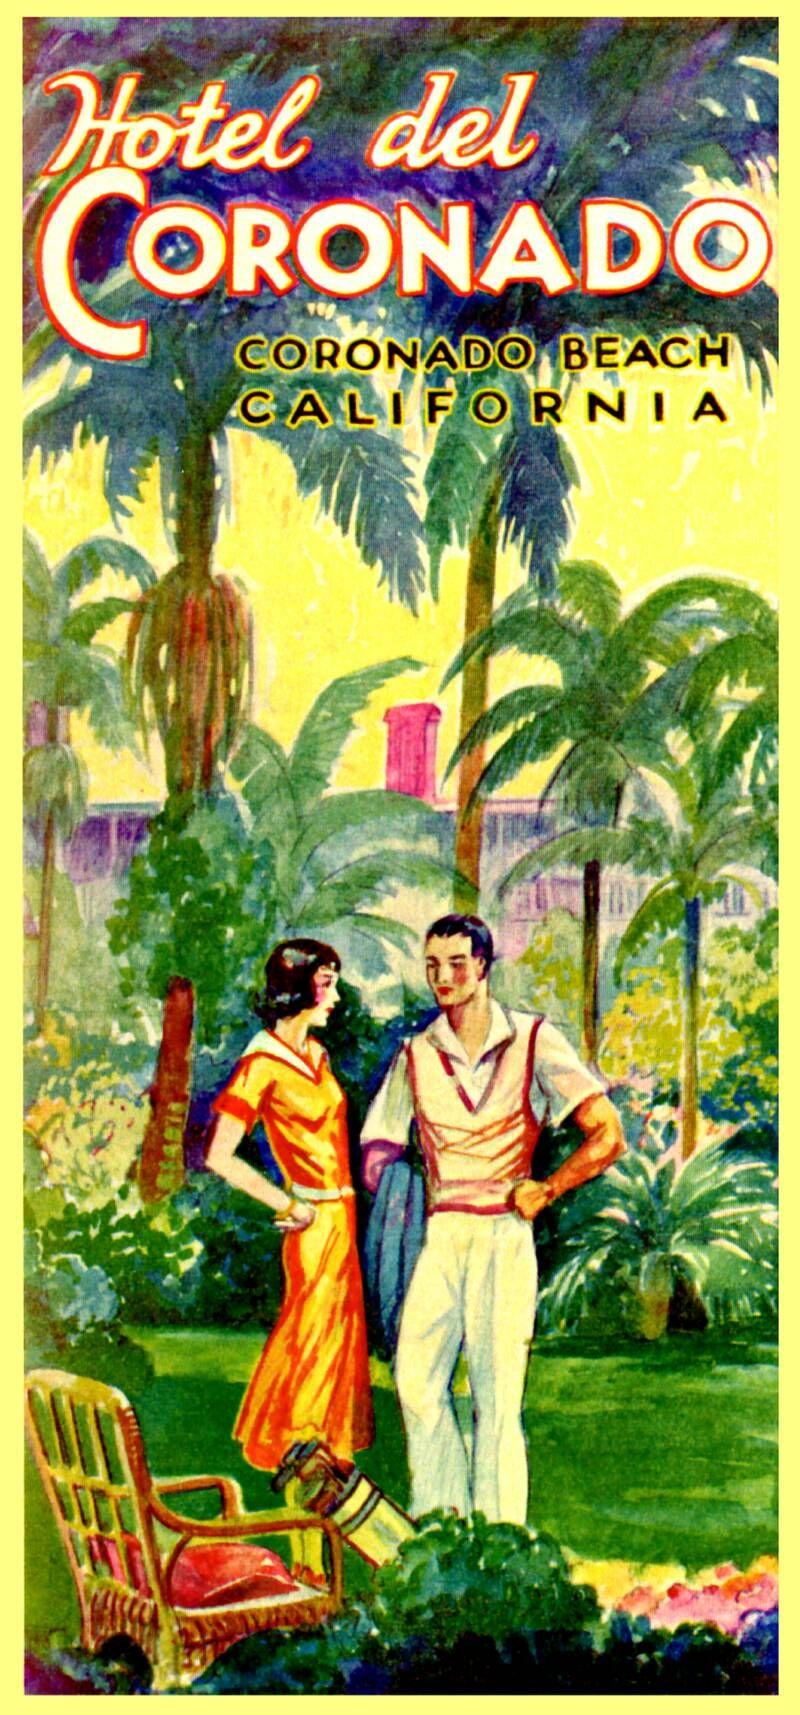 Cover For A Travel Brochure: Hotel Del Coronado, Coronado